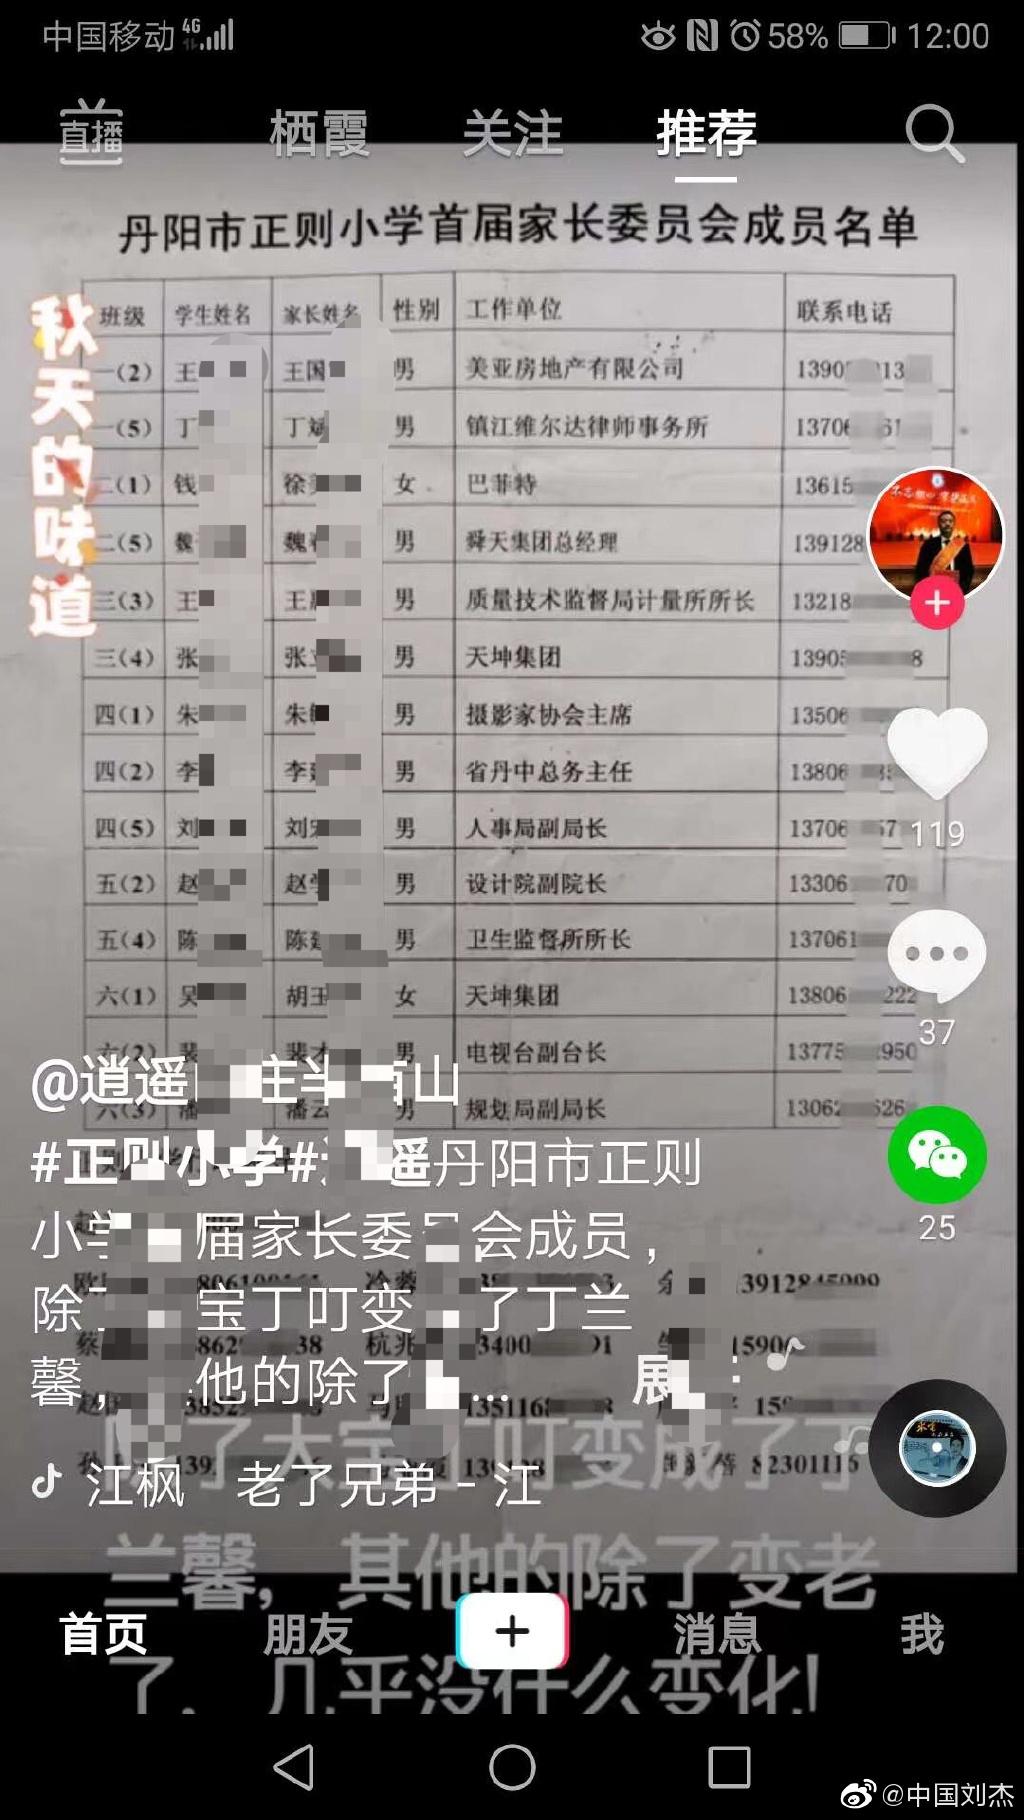 【千度快手】_江苏一小学家委会成员非富即贵遭质疑,校长:社会名望高做事容易